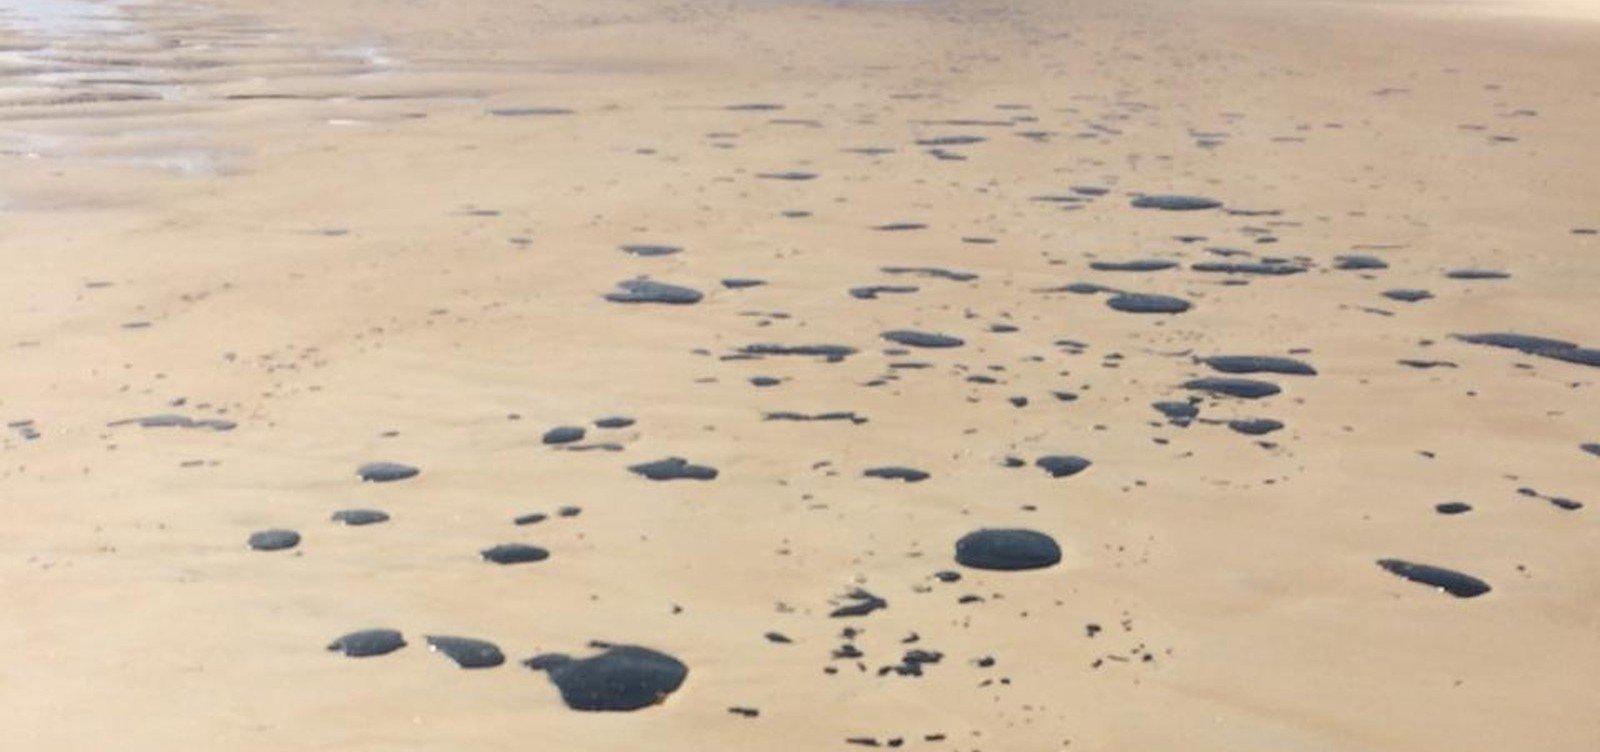 [Manchas de óleo chegam à Praia do Norte, em Ilhéus]